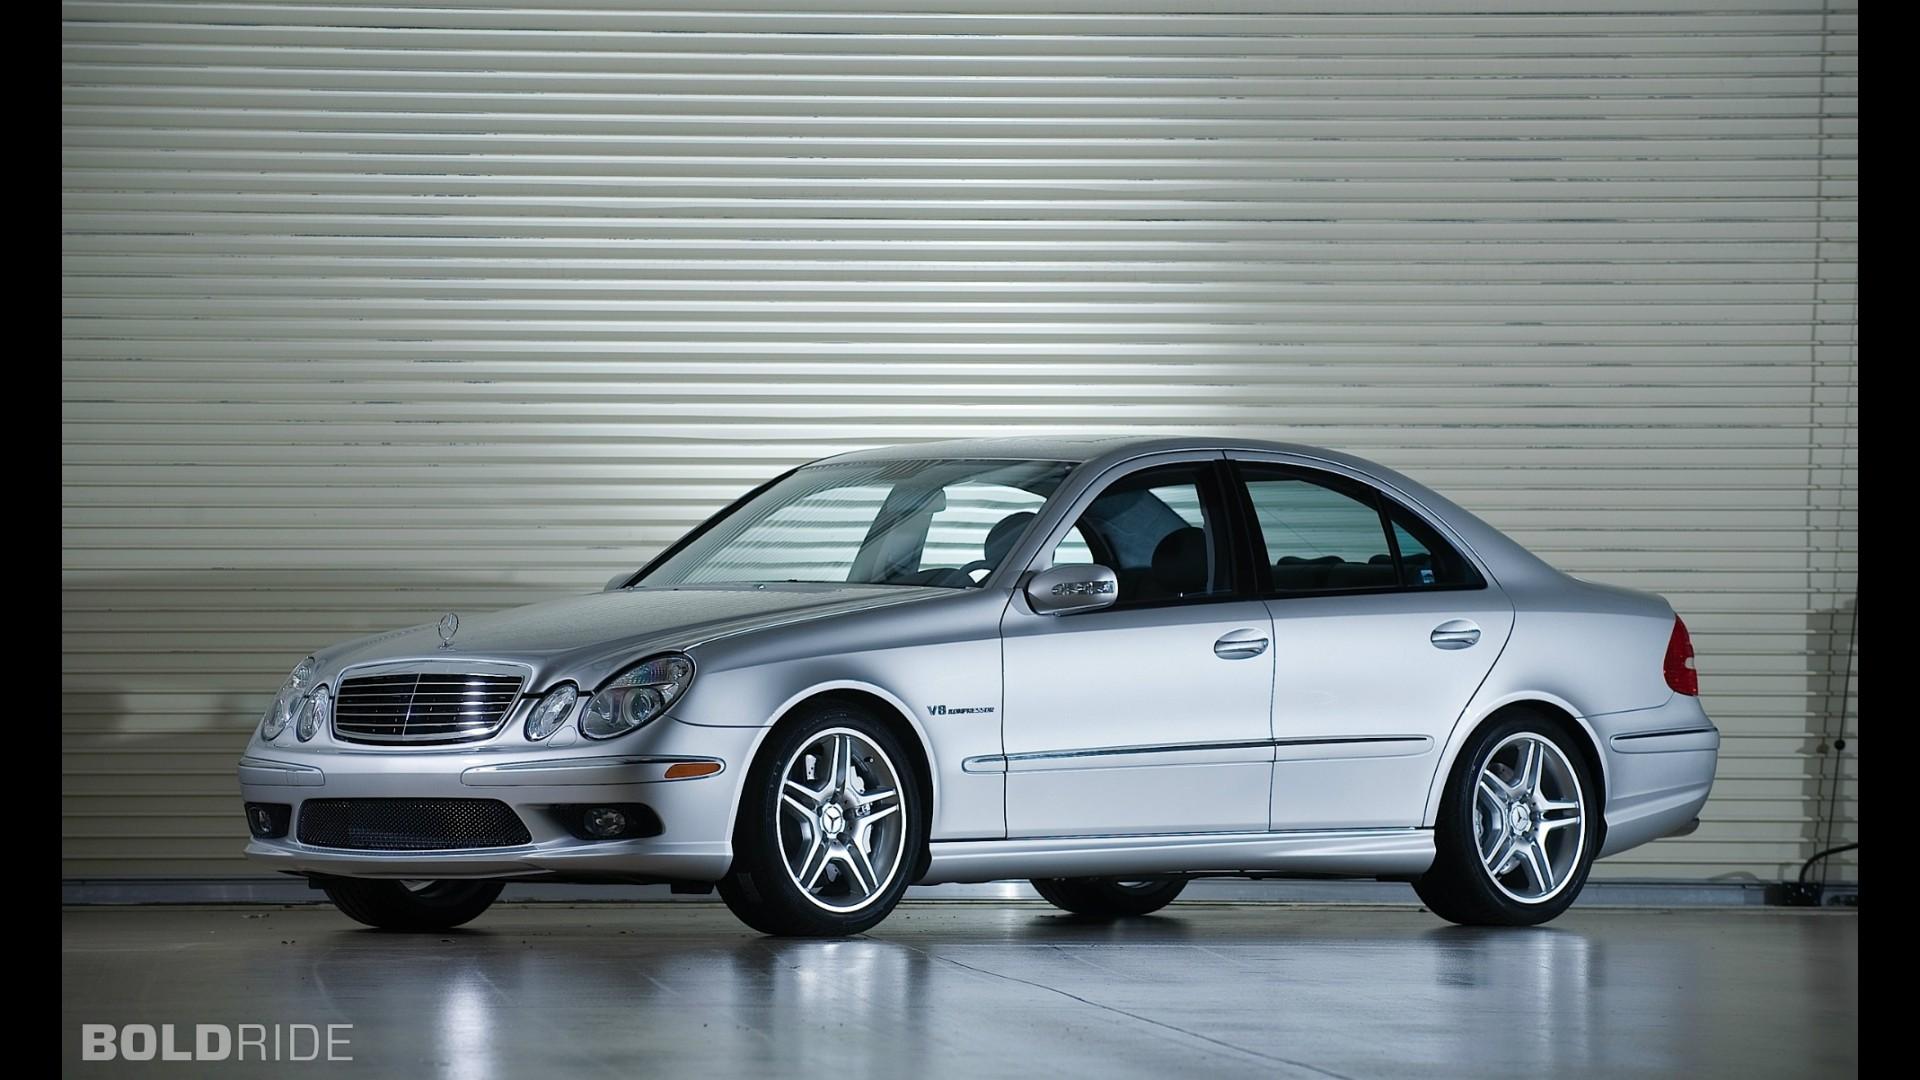 2009 e55 amg auto express mercedes benz e55 amg sciox Gallery